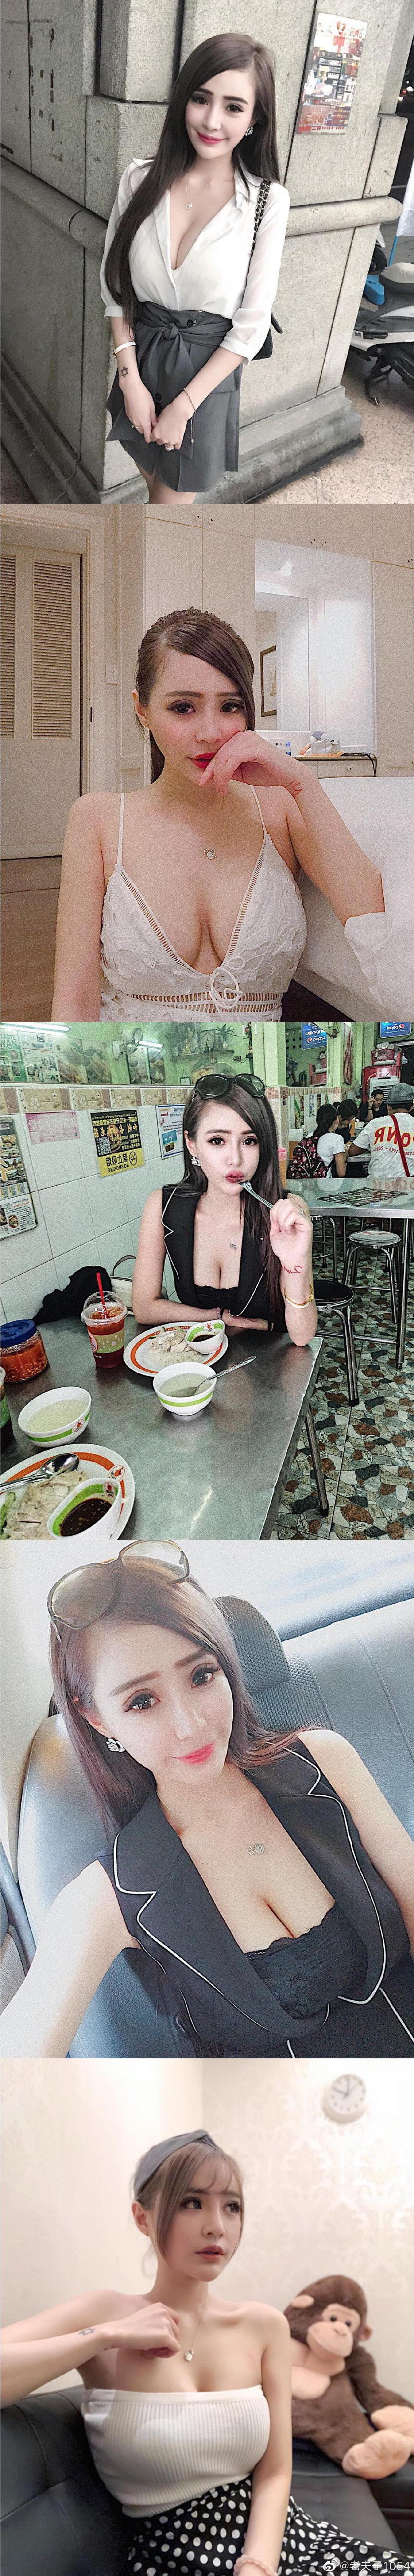 台湾嫩模IG网红妹元欣,拥有横看成岭侧成峰的傲人身材-第11张图片-宅小报